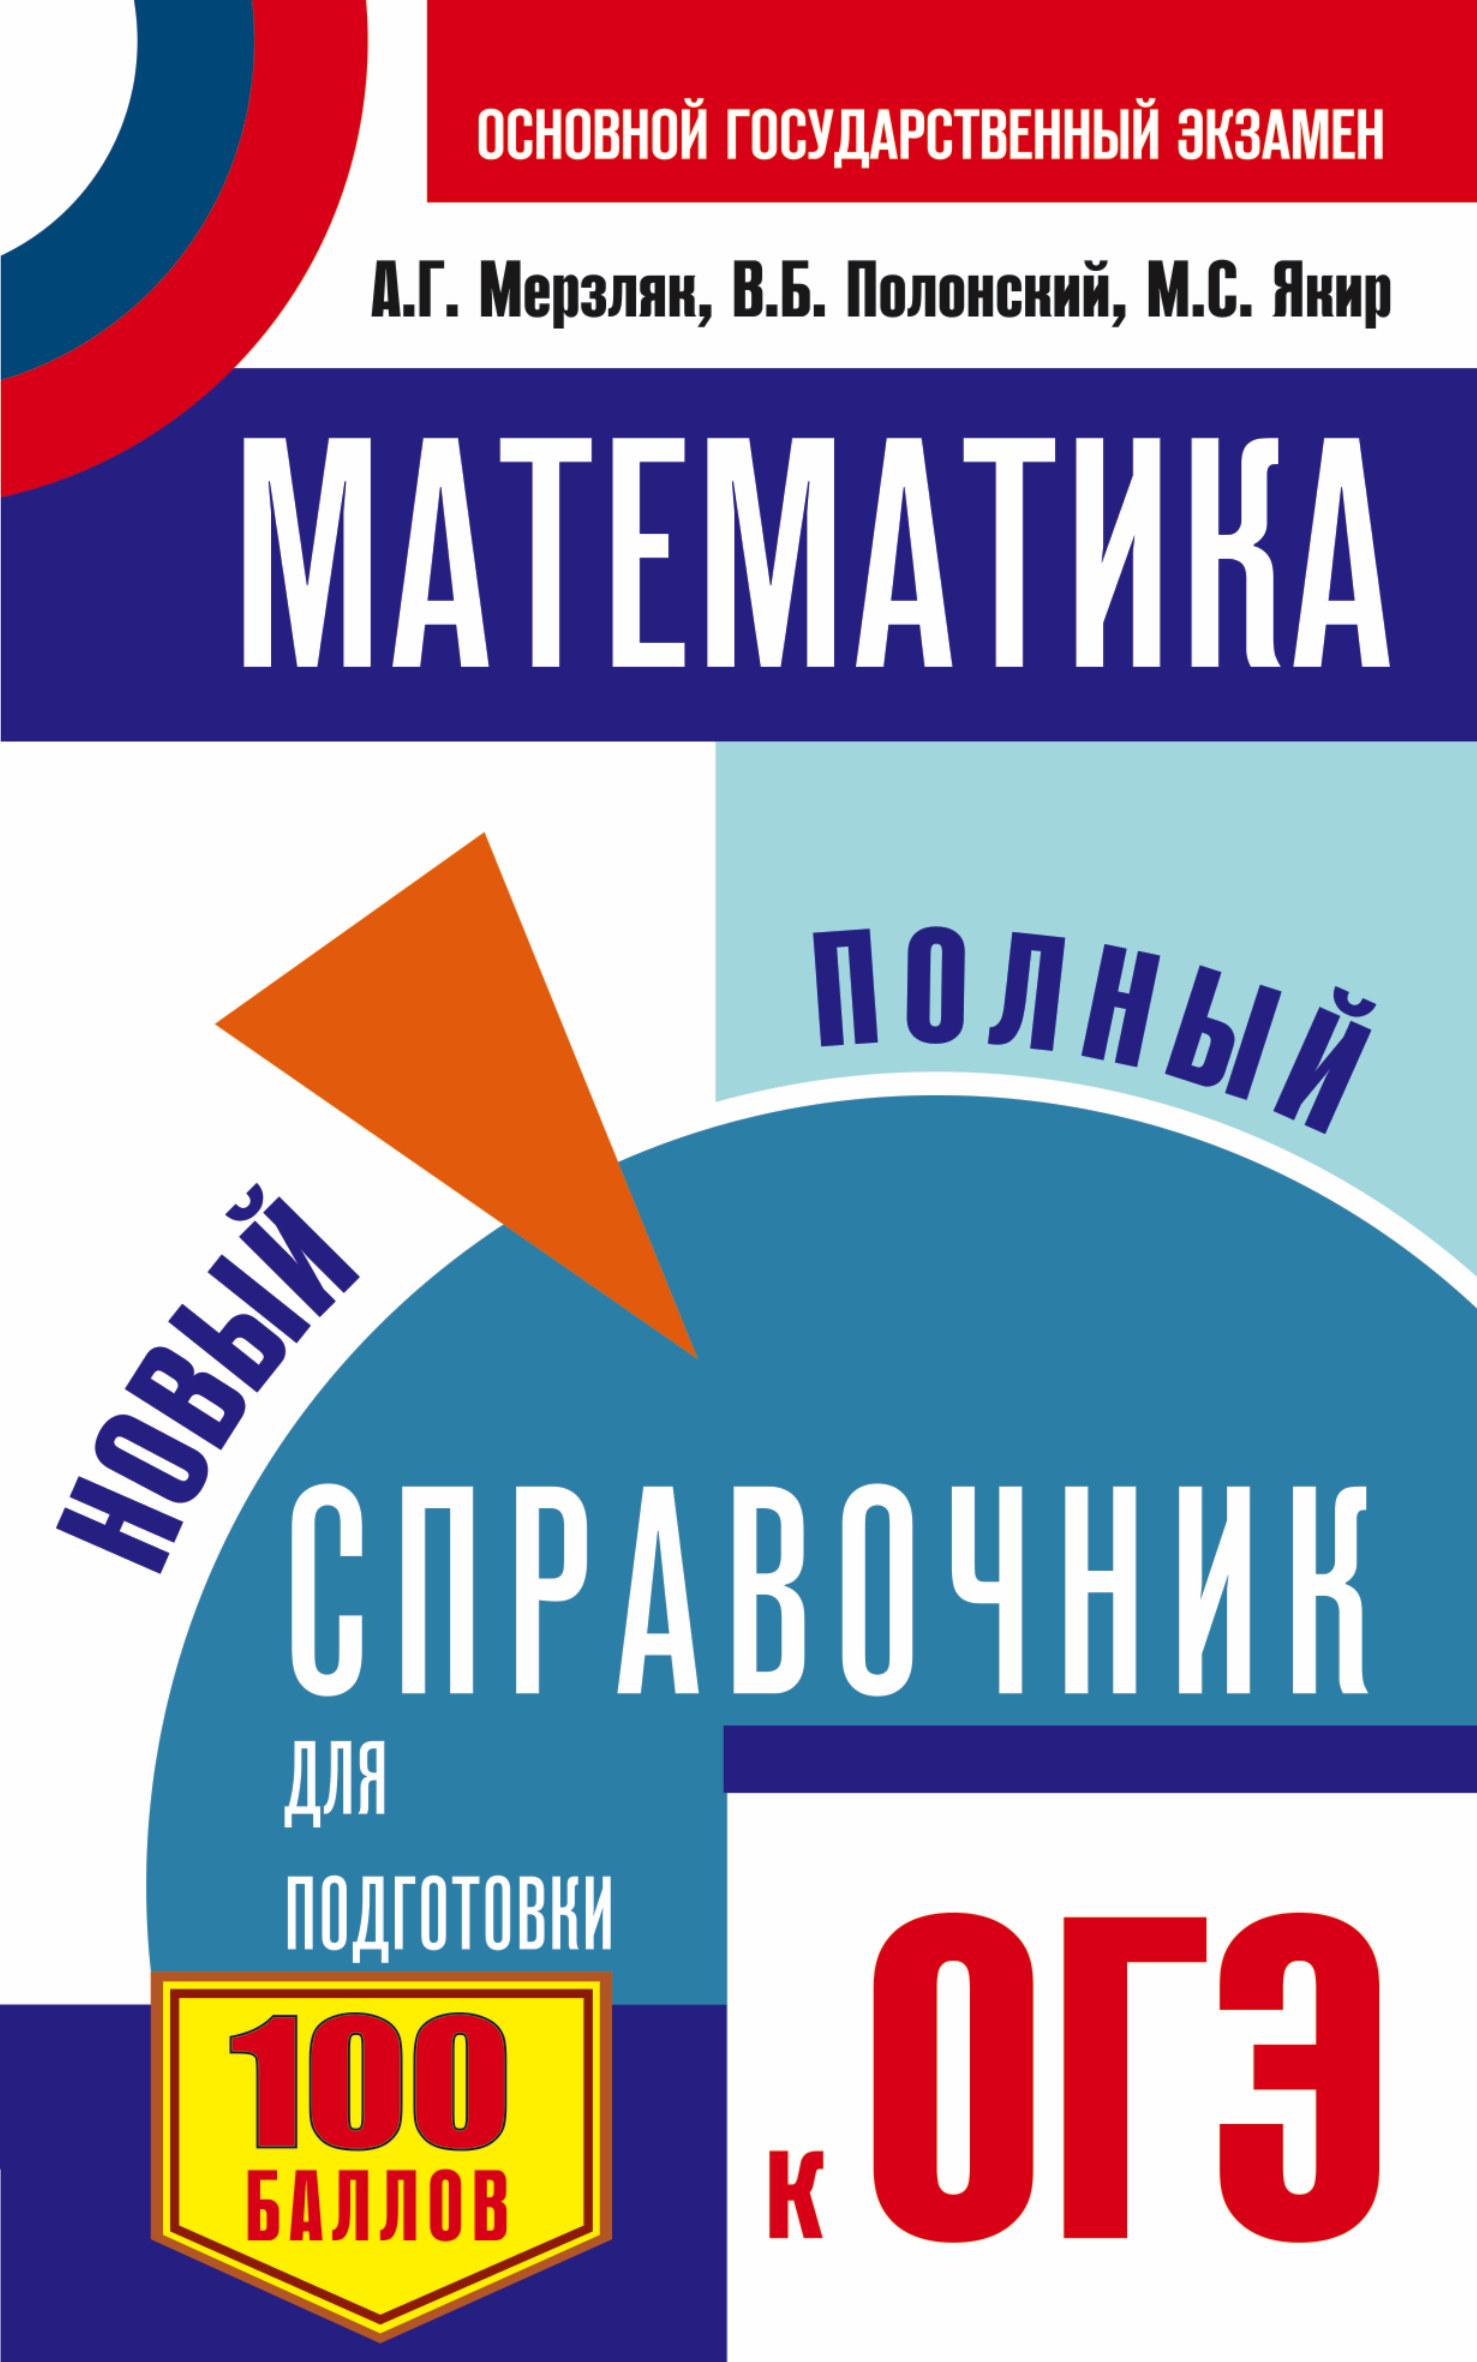 ОГЭ. Математика. Новый полный справочник для подготовки к ОГЭ Мерзляк Полонский Якир